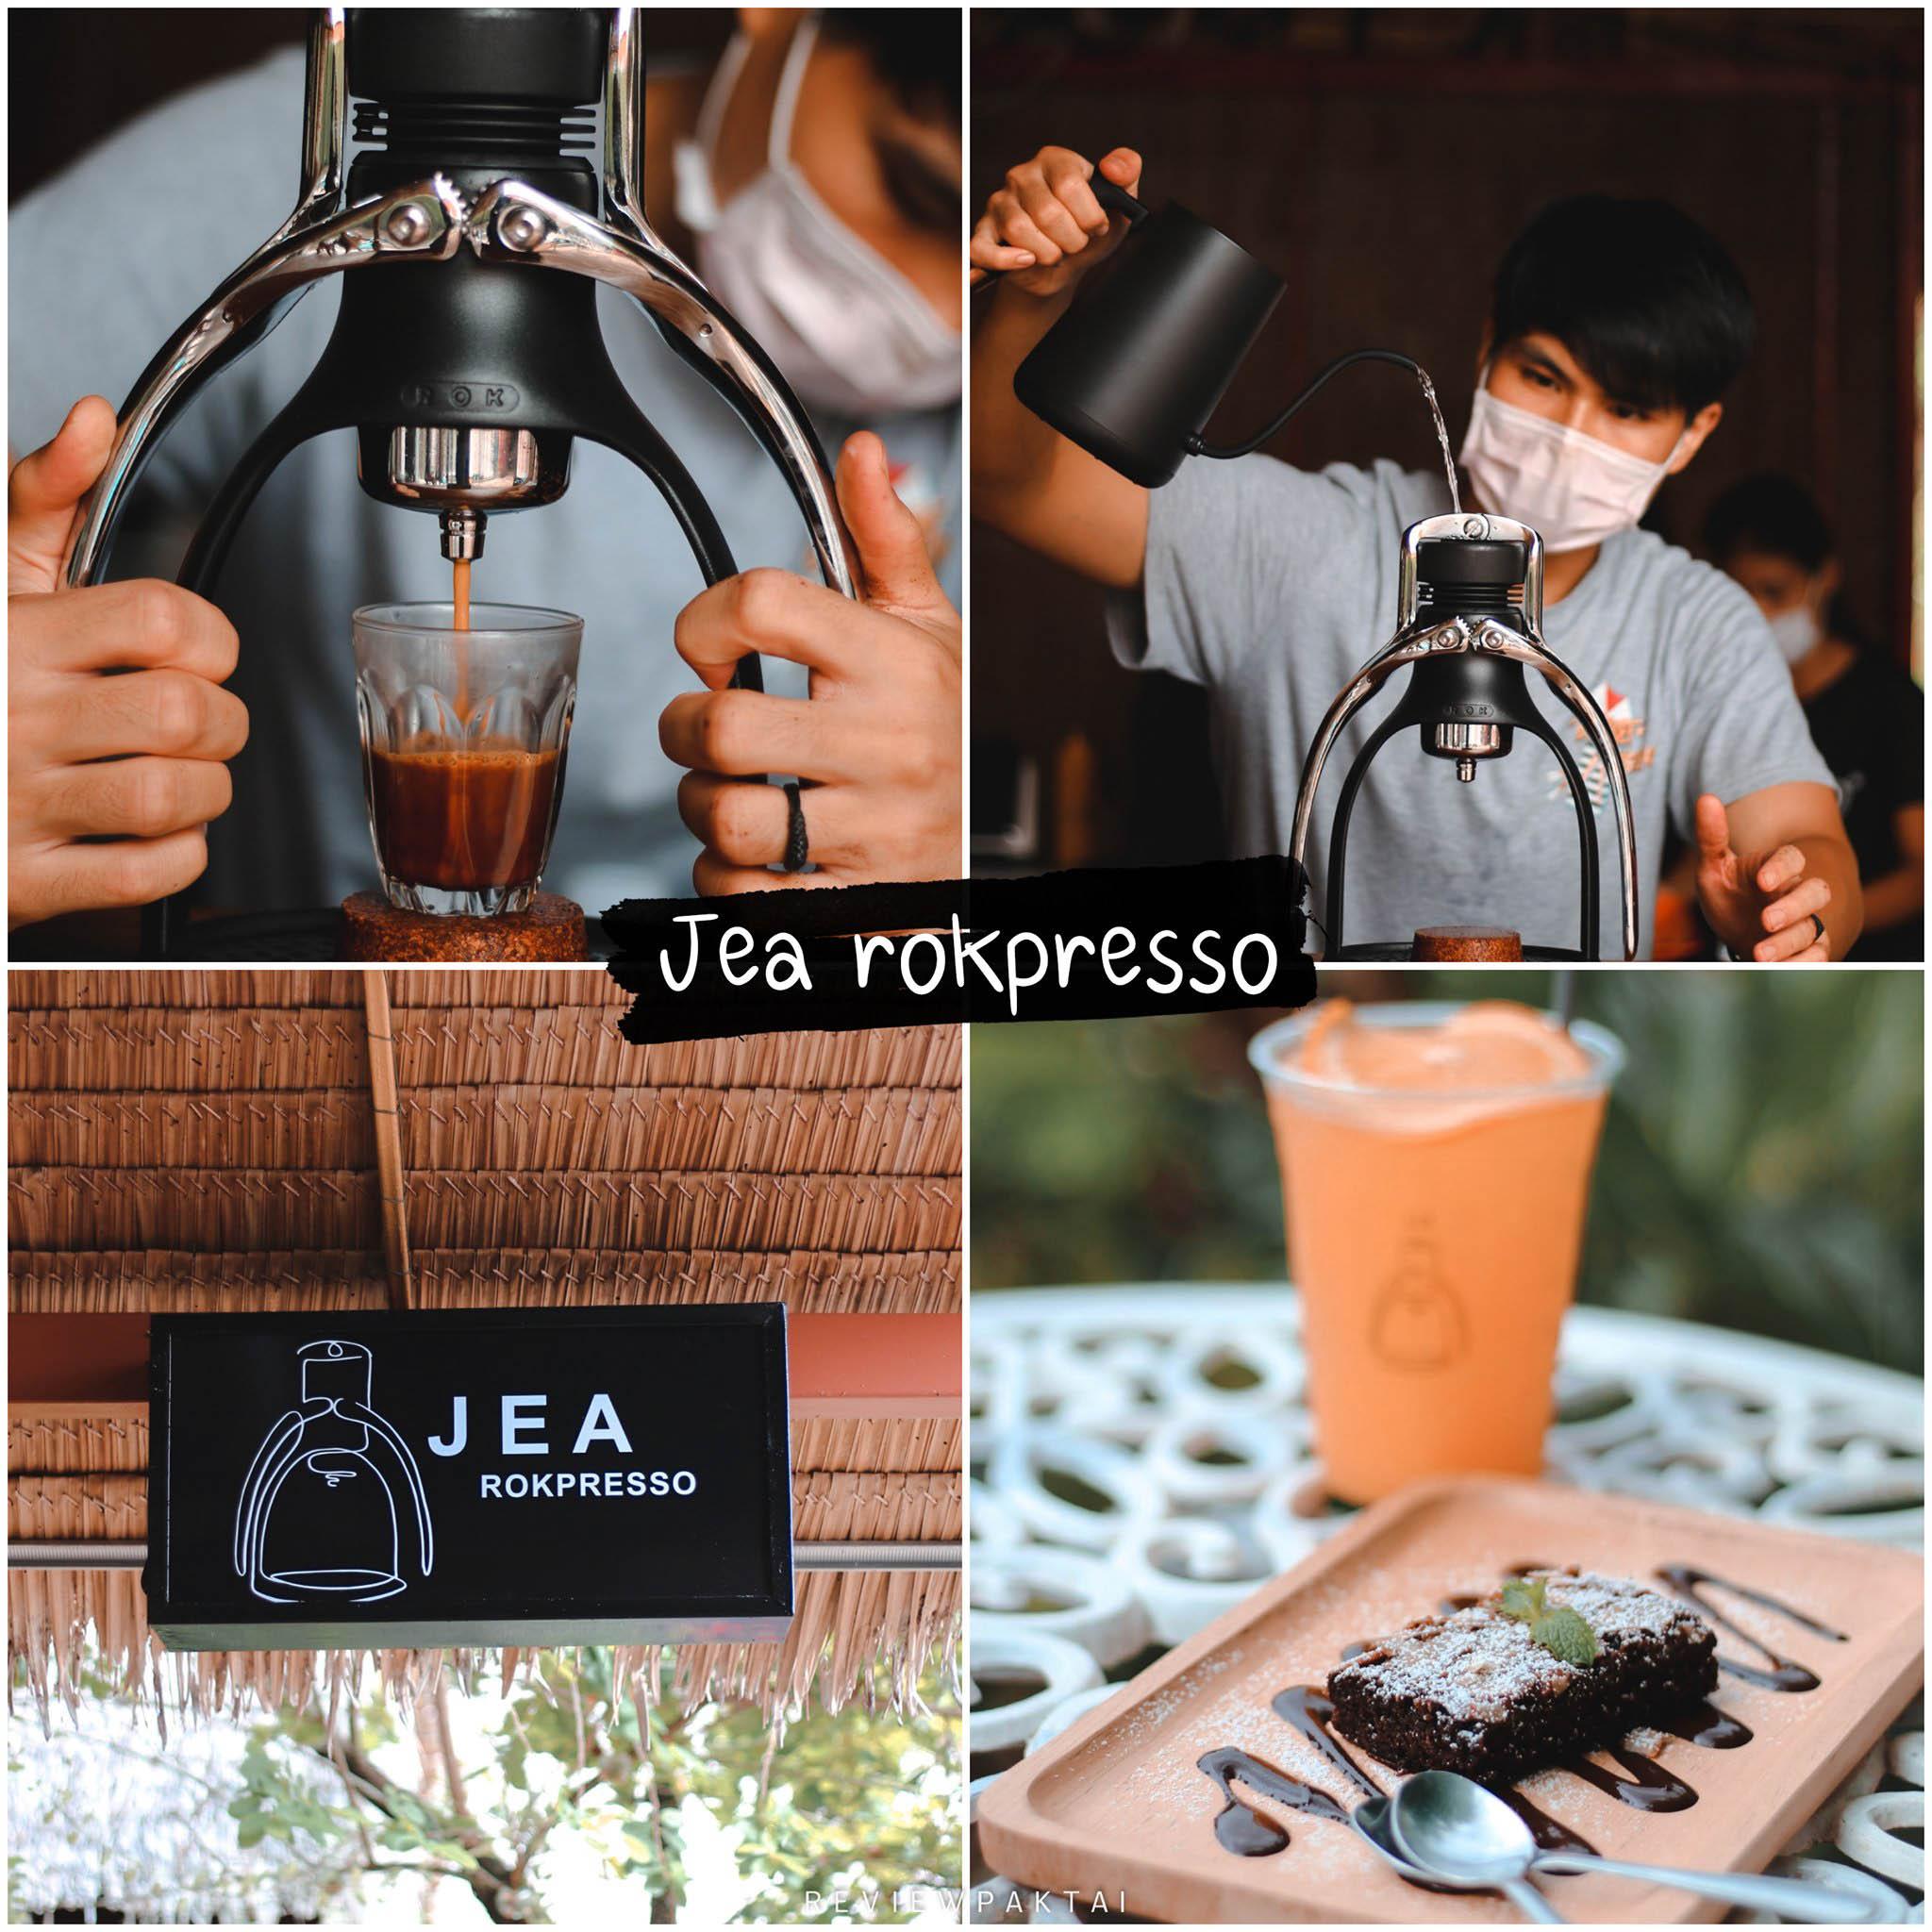 Jea-Rokpresso-Bar ร้านกาแฟริมน้ำ--ใจกลางเมืองภูเก็ตไปเช็คอินเลยเพื่อเติมความสุขให้ตัวเองกัน สำหรับเพื่อน-ๆ-ที่มองหาร้านอาหารและร้านกาแฟในภูเก็ตวันที่ไม่ว่าง-ก็จะทำตัวให้ว่าง-เพื่อเติมความสุขให้ตัวเองมาพายเรือกันนะร้านกาแฟเปิดใหม่แนวธรรมชาติที่อยู่ติดริมคลองมุดงชุมชนบ่อแร่ในตัวเมืองจังหวัดภูเก็ตการเดินทางคือการเรียนรู้ที่ถูกรายล้อมไปด้วยธรรมชาติรอบๆตัวเป็นร้านอาหารทะเลชื่อดังของจังหวัดภูเก็ต-มีกาแฟ-ที่เป็น-signature-ของร้าน-เช่น-Summer-Lemon-Rok-/-Oranngzo-Rok-/-Coconut-Cold-Rok-/-Rowanda-Cold-Brew-และยังมีกาแฟและเครื่องดื่มอีกหลายรายการ-พร้อมขนมเค้ก-เช่นเค้กส้ม,-บราวนี่-เค้กชอคโกแลต-เป็นต้นค่ะสำคัญคือมีแคนูให้พายฟรีด้วยค่ะ  ภูเก็ต,คาเฟ่,ที่เที่ยว,ร้านกาแฟ,เด็ด,อร่อย,ต้องลอง